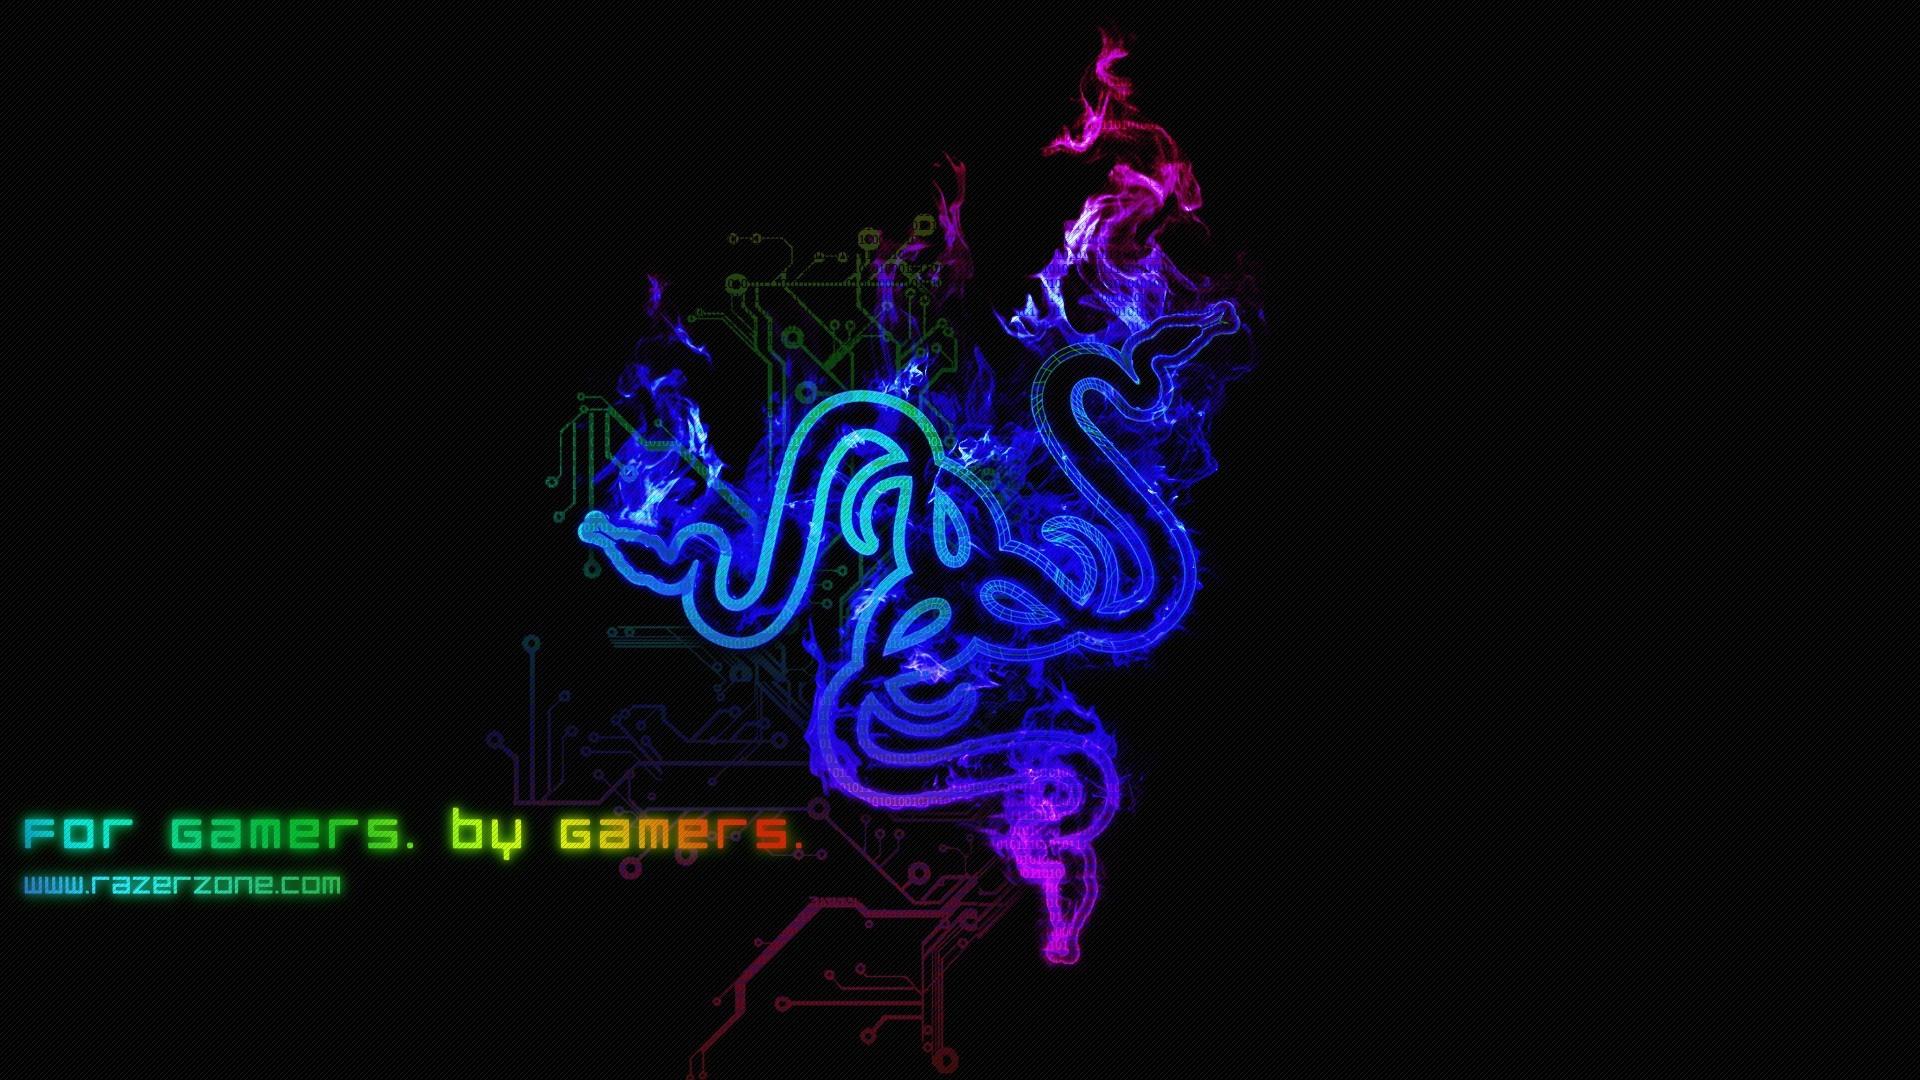 Sfondi Videogiochi Sfondo Semplice Notte Neon Giochi Per Pc